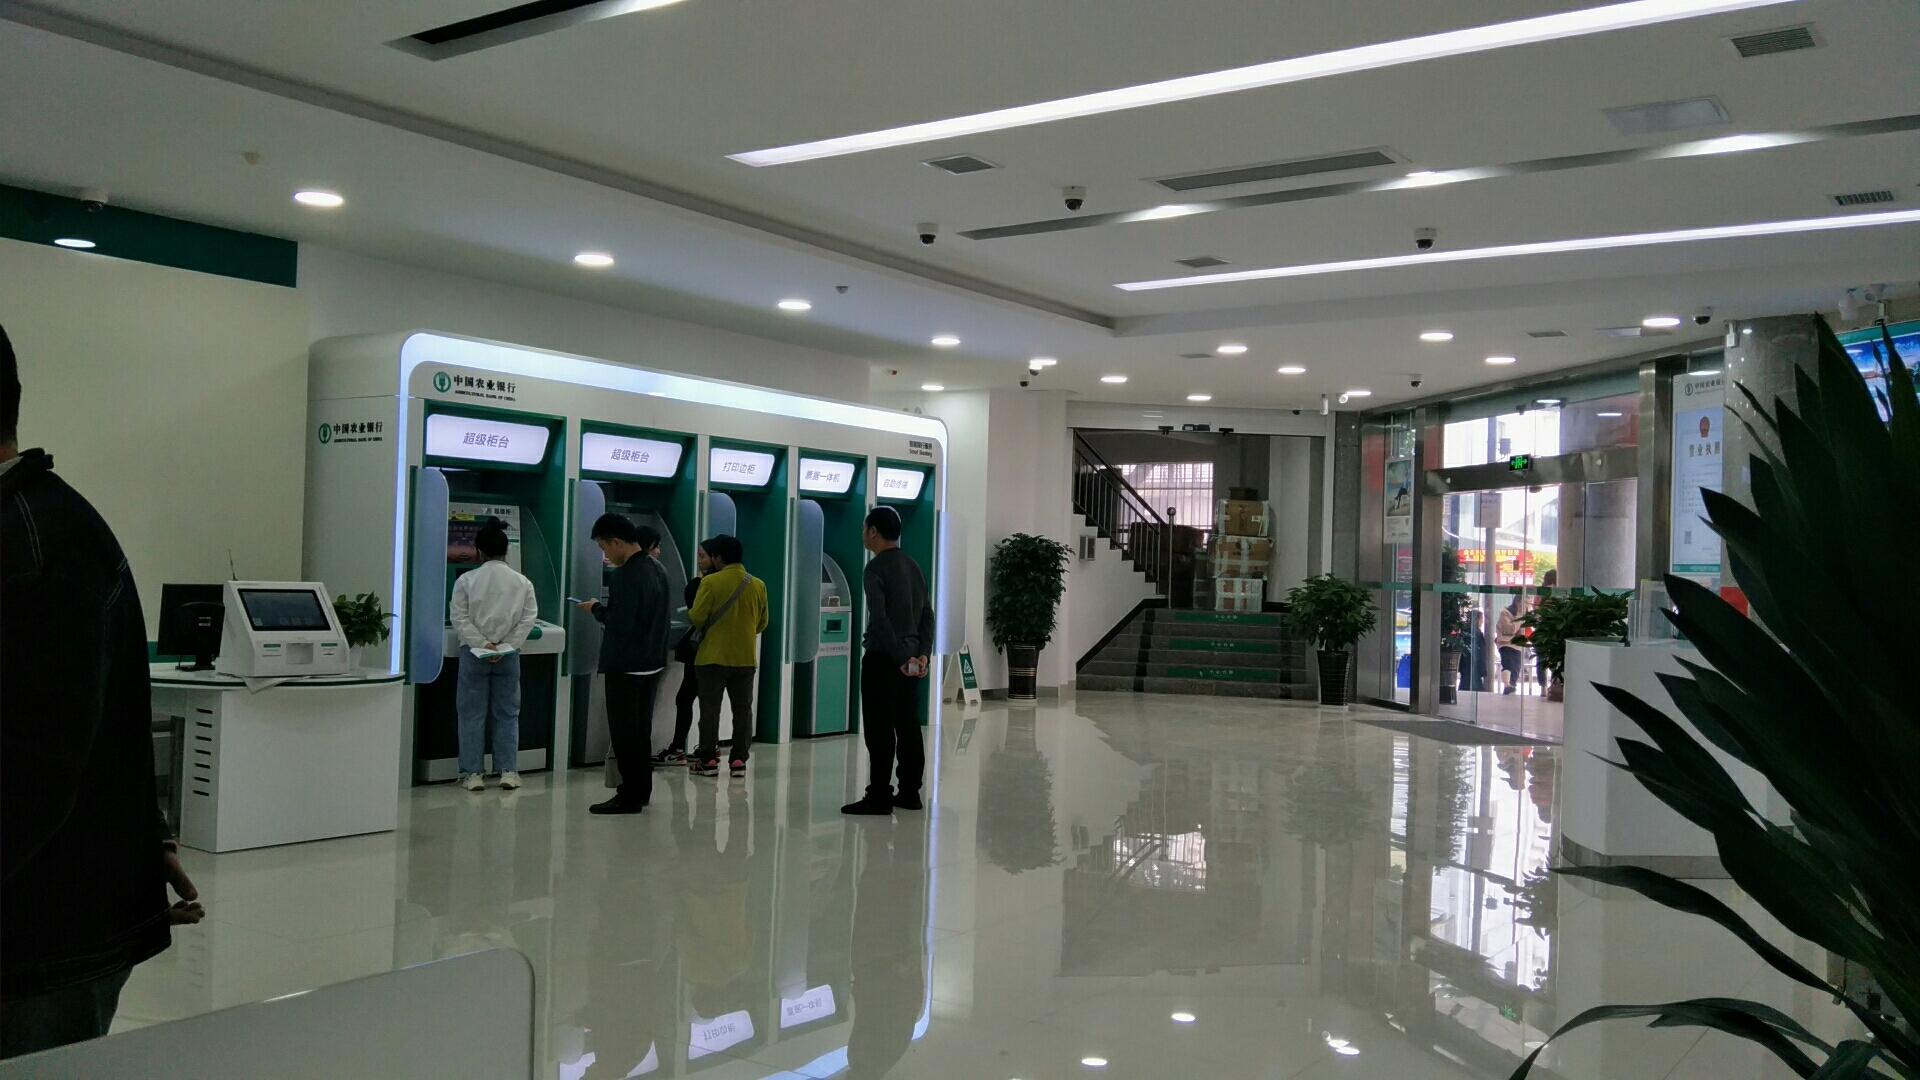 中国农业银行股份有限公司黔西南分行辖内营业网点装修工程质量监理项目